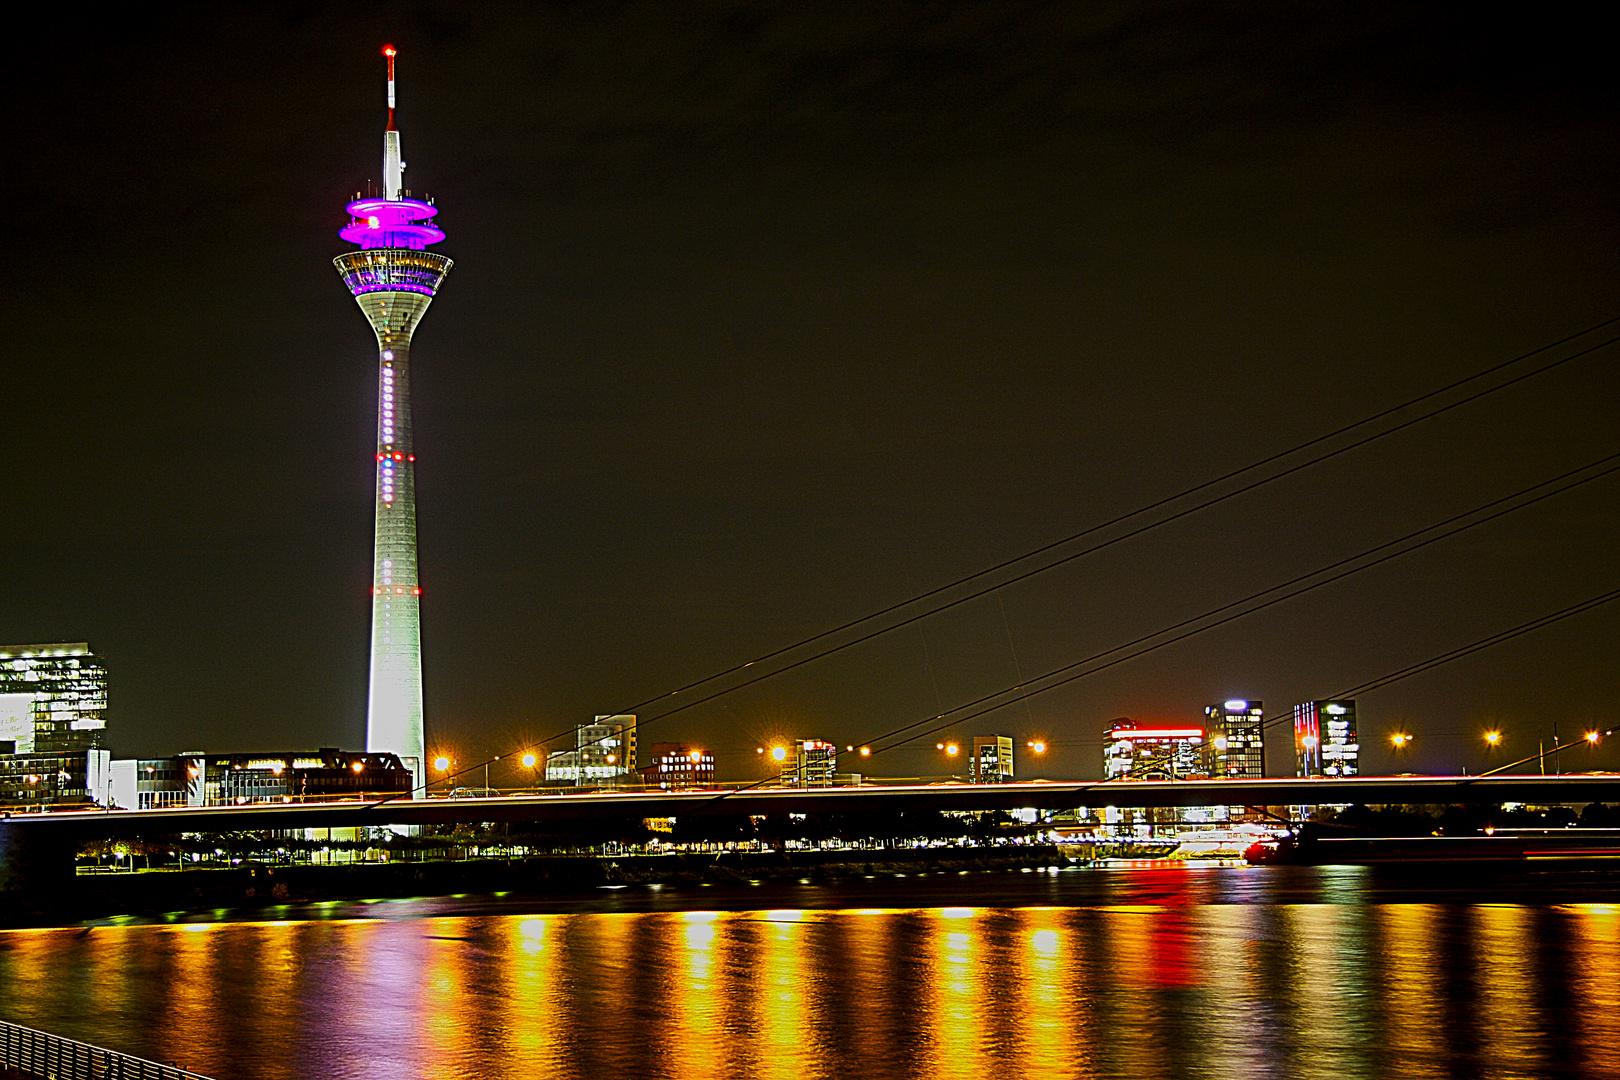 Der Fernsehturm mit Medienhafen bei Nacht